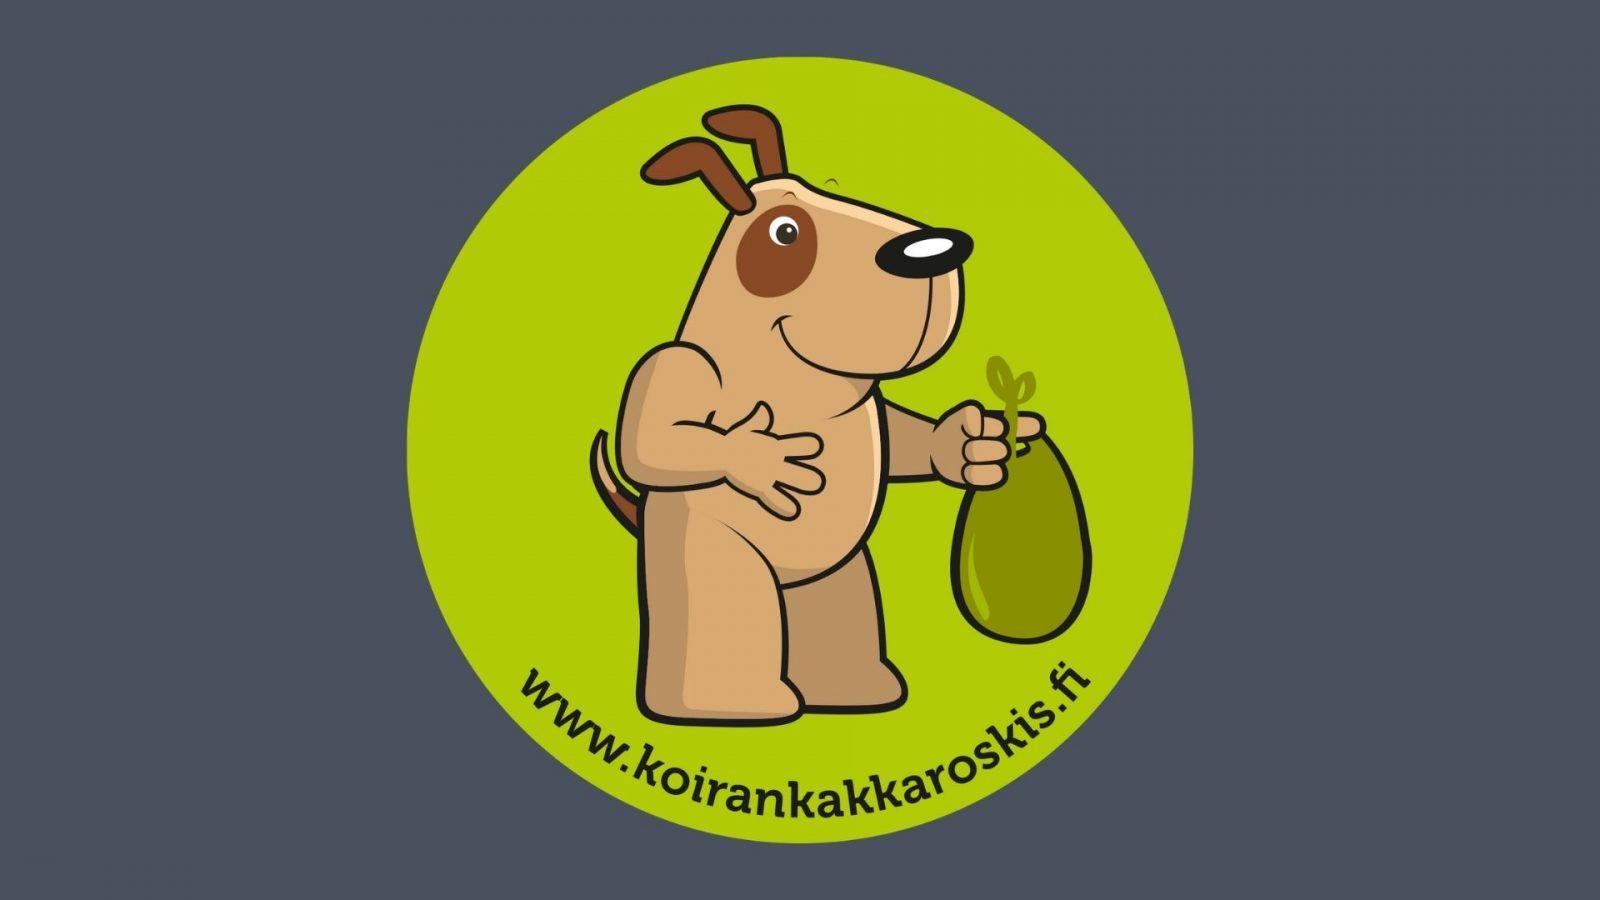 Koirankakkaroskiksen tunnus on jätöspussia kantava koira. Alla on teksti www.koirankakkaroskis.fi.